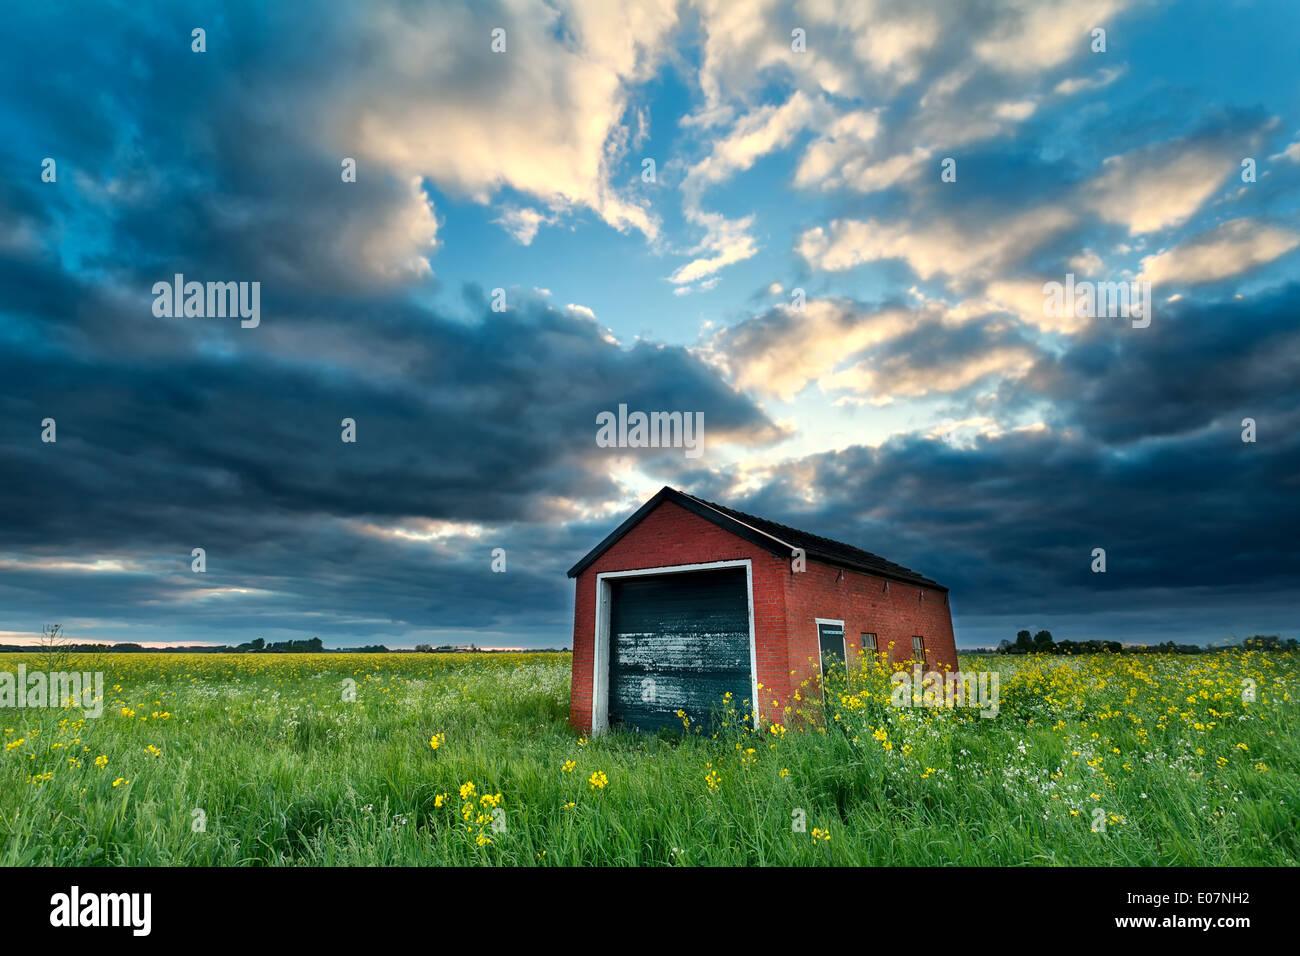 Alquería en campo de colza en tormentoso atardecer, Países Bajos Imagen De Stock